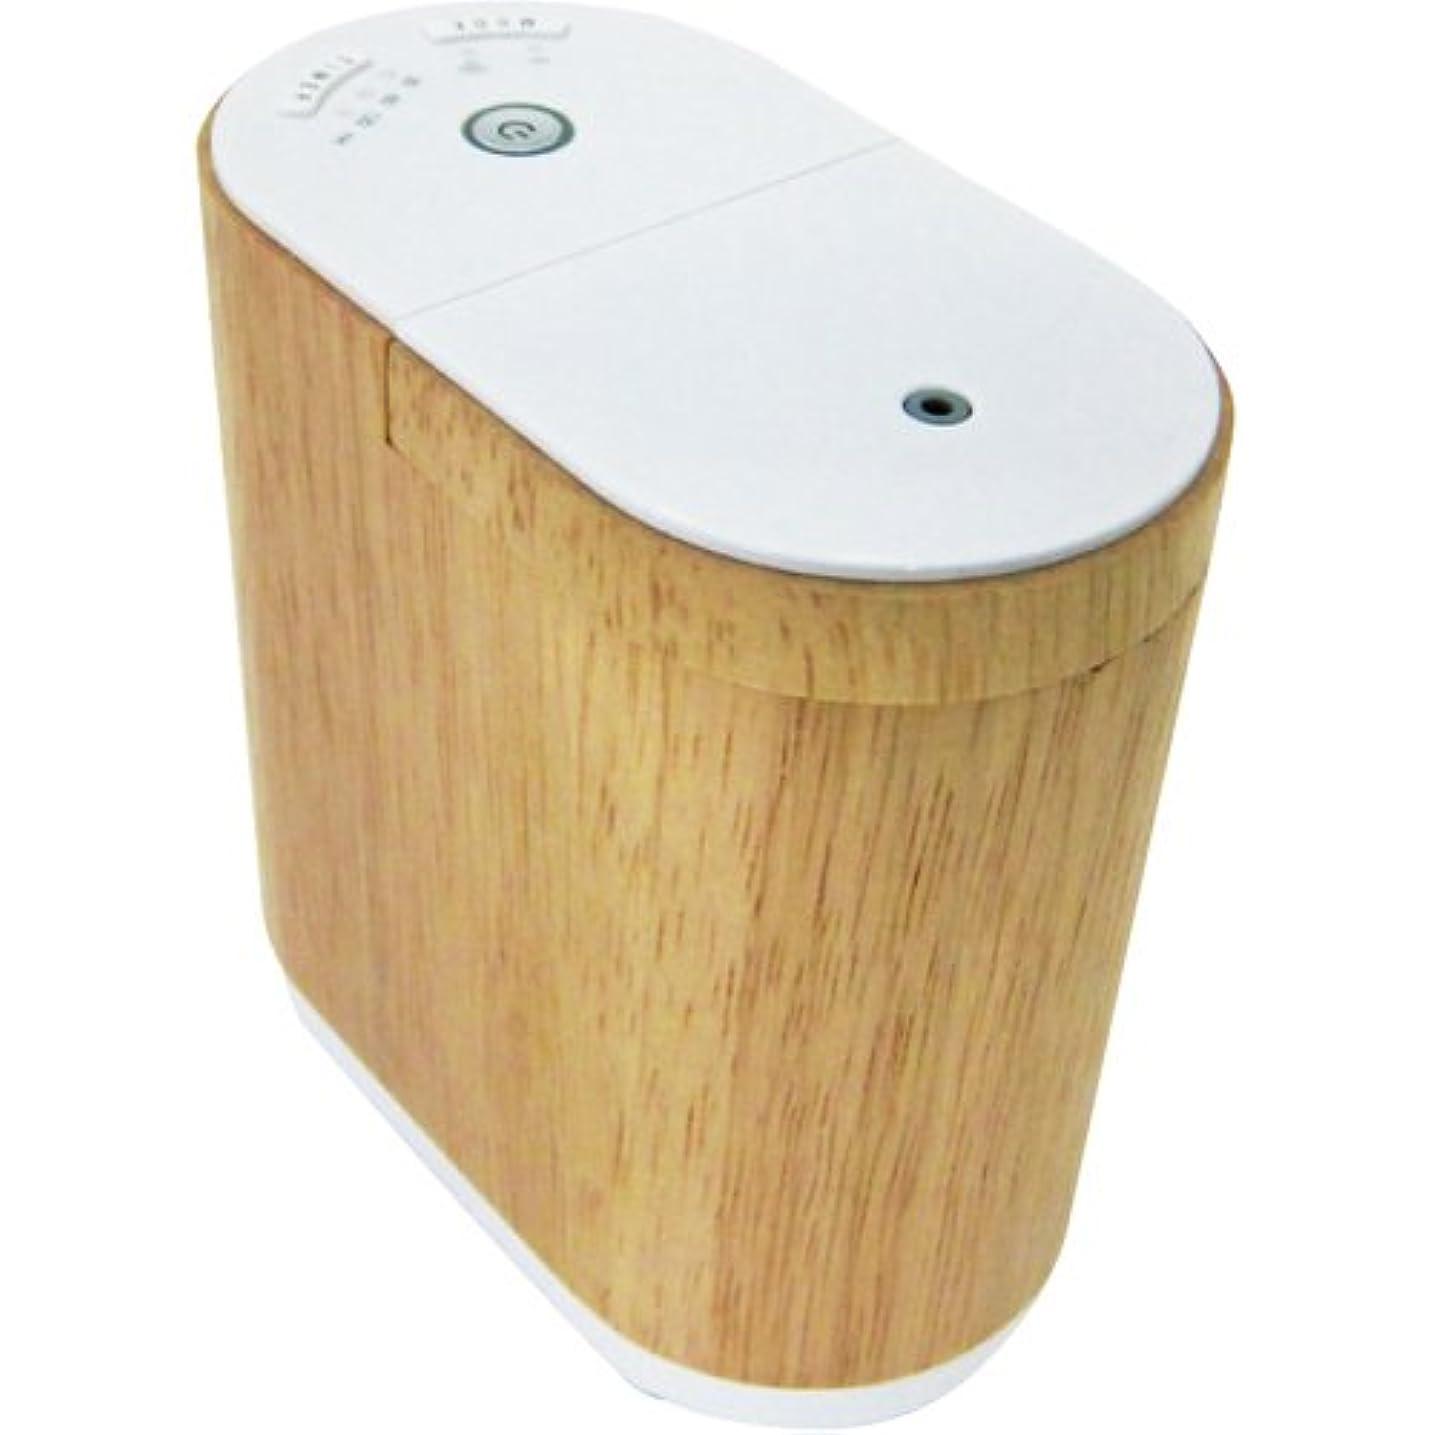 推進比べるダニ生活の木 アロマディフューザー(ウッド)エッセンシャルオイルディフューザー aromore(アロモア) 08-801-6010